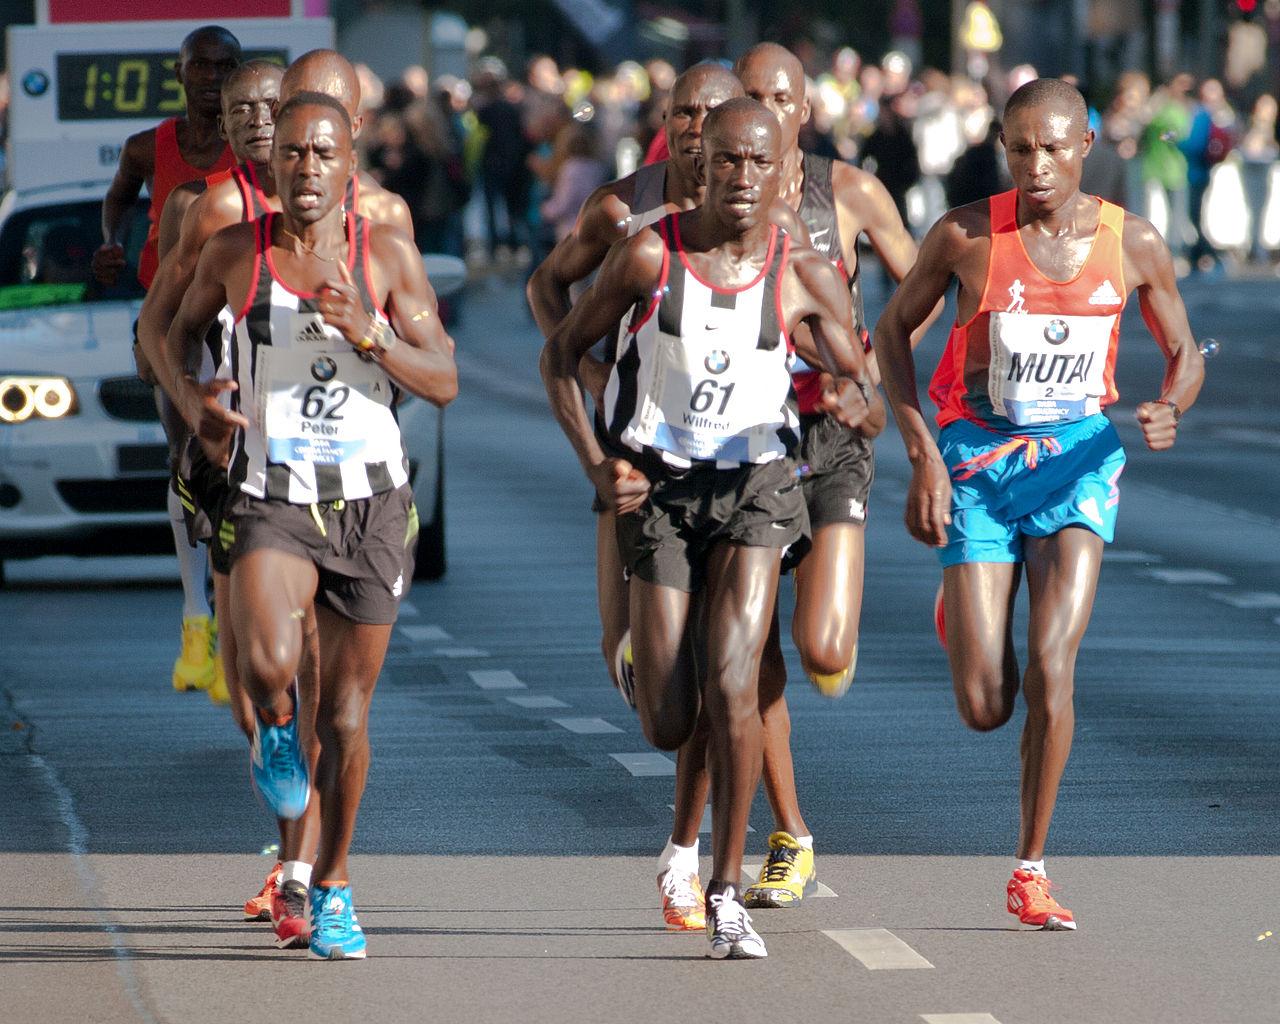 Maratona de Berlim: prova de recordes do mundo